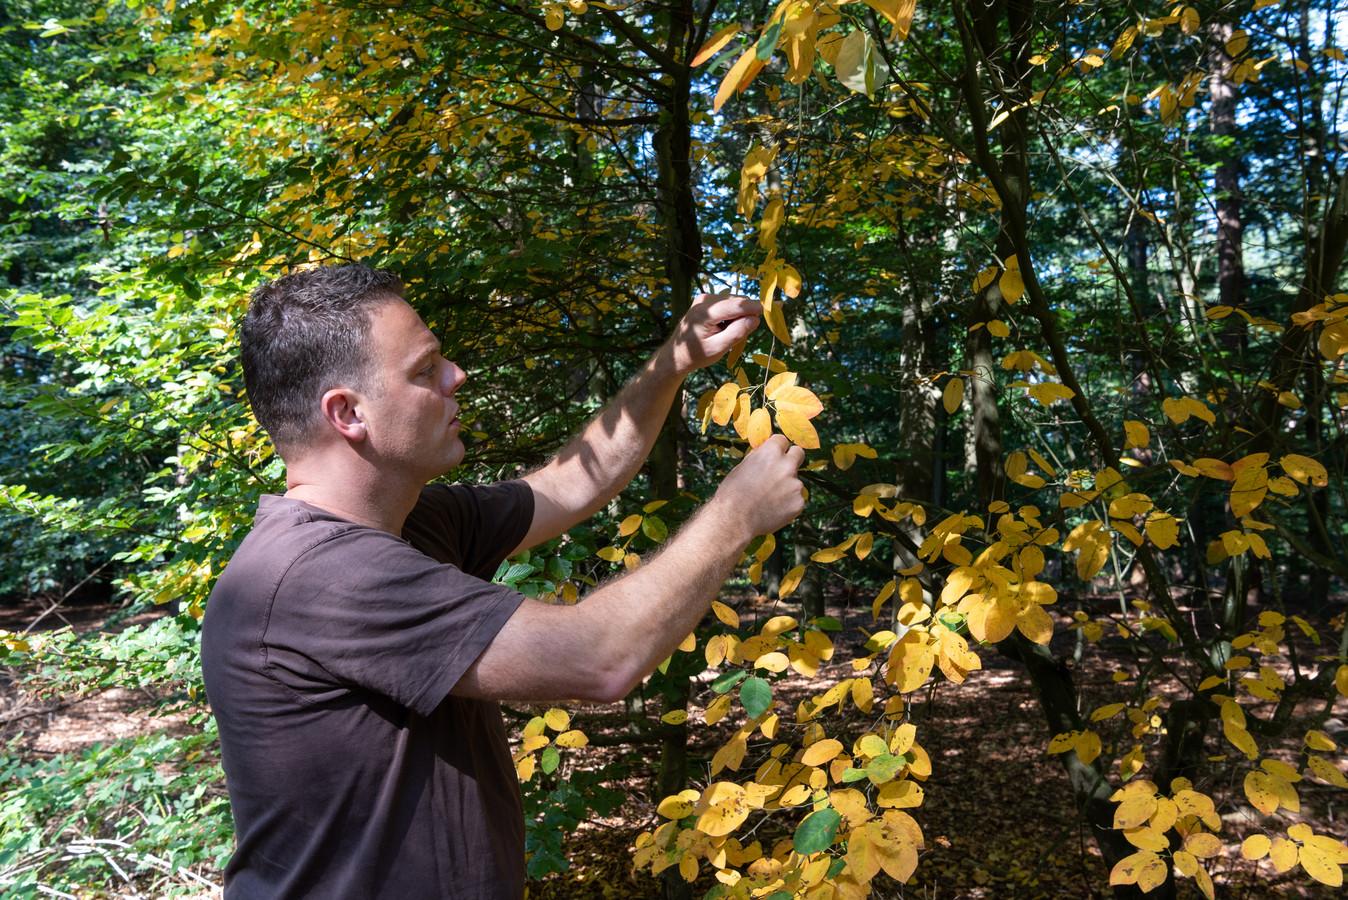 De bladeren van de krentenboom zijn nu al herfstgeel.